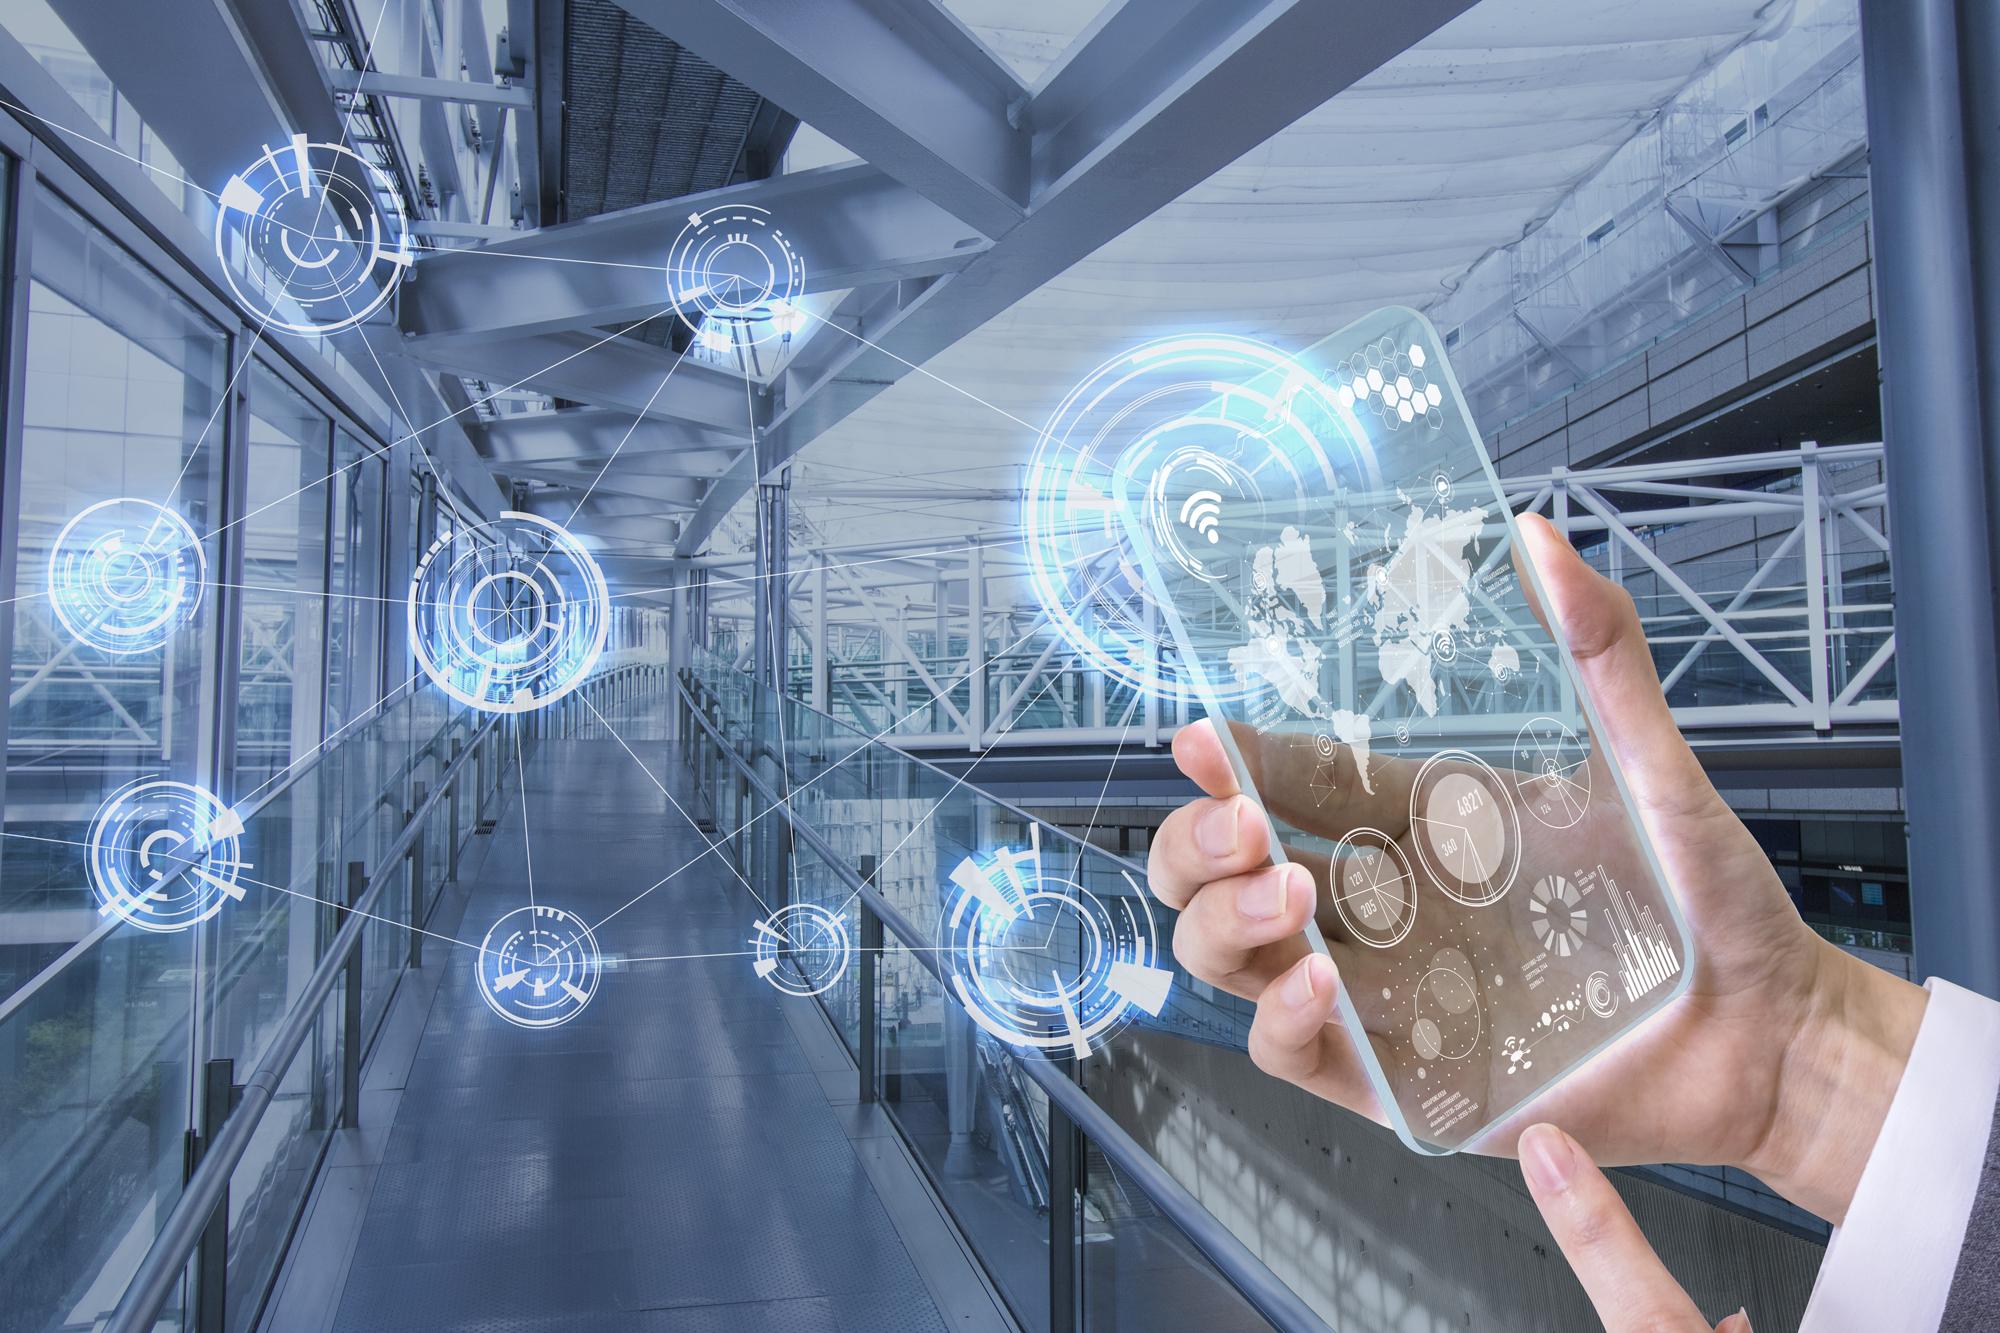 Sztuczna Inteligencja. Zapraszamy na spotkania b2b podczas Deep Tech Week 2020 w Paryżu